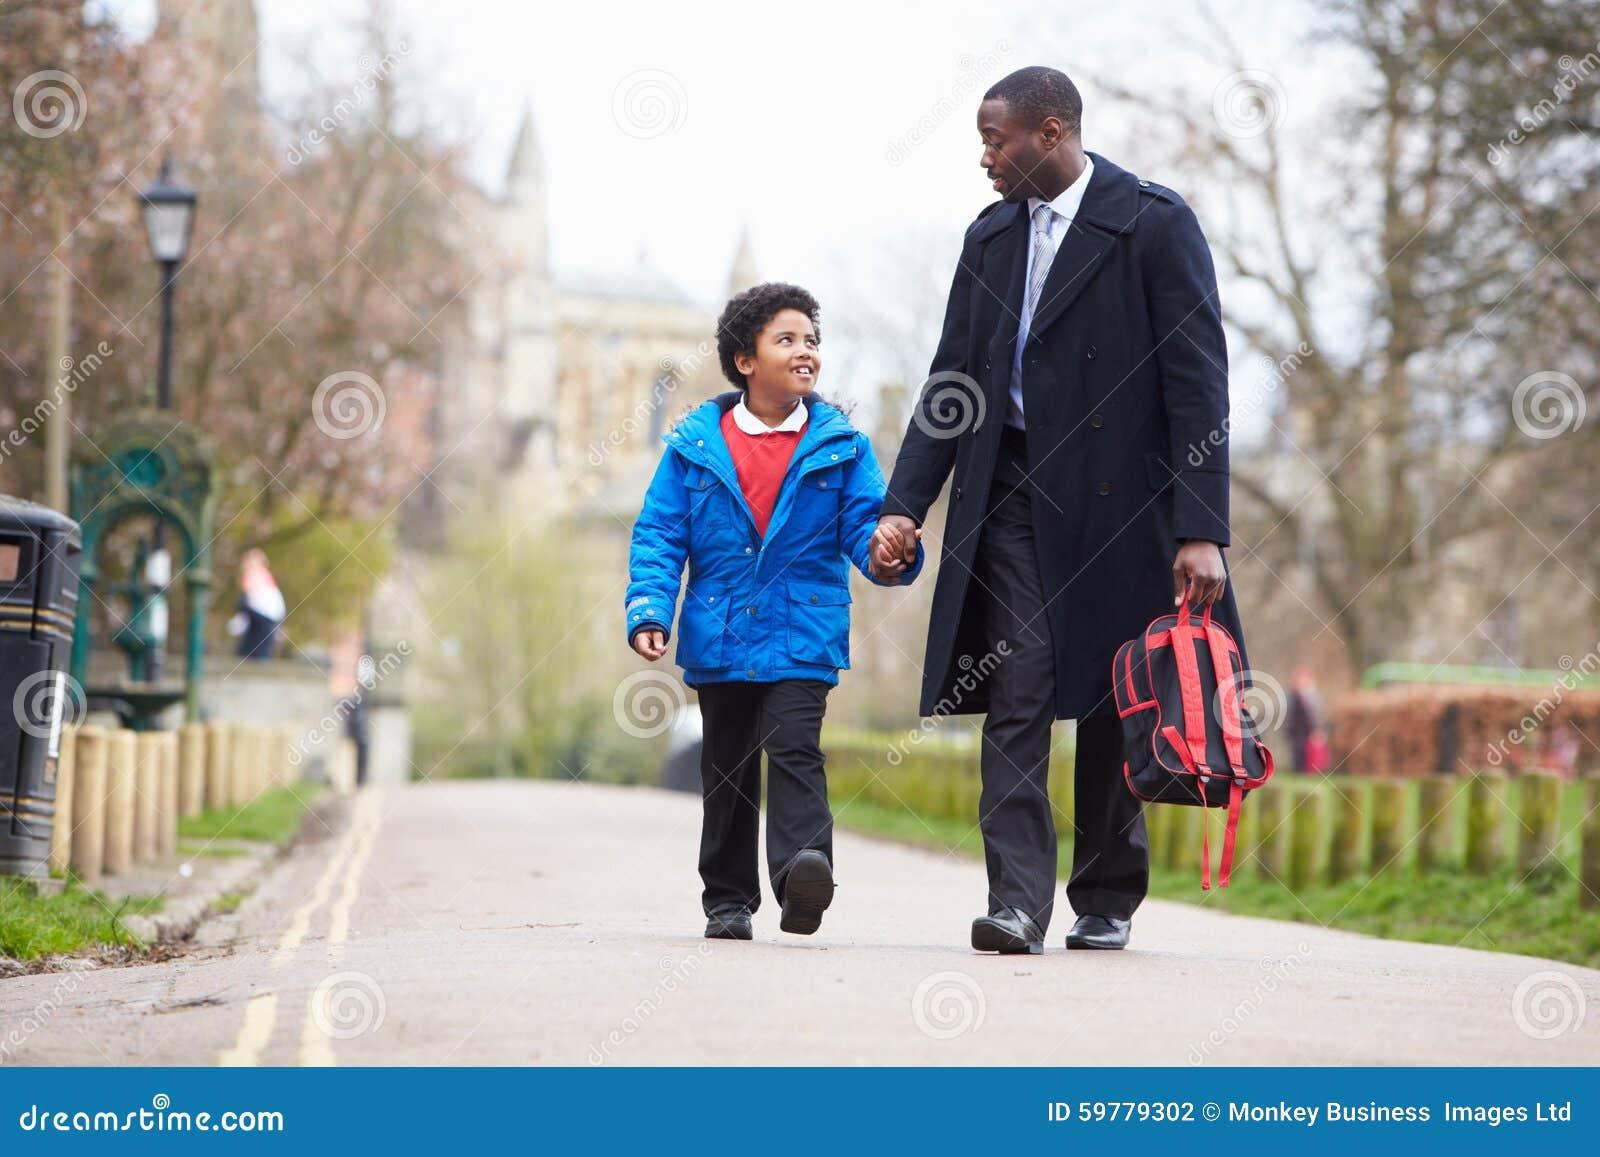 Scuola di Walking Son To del padre lungo il percorso